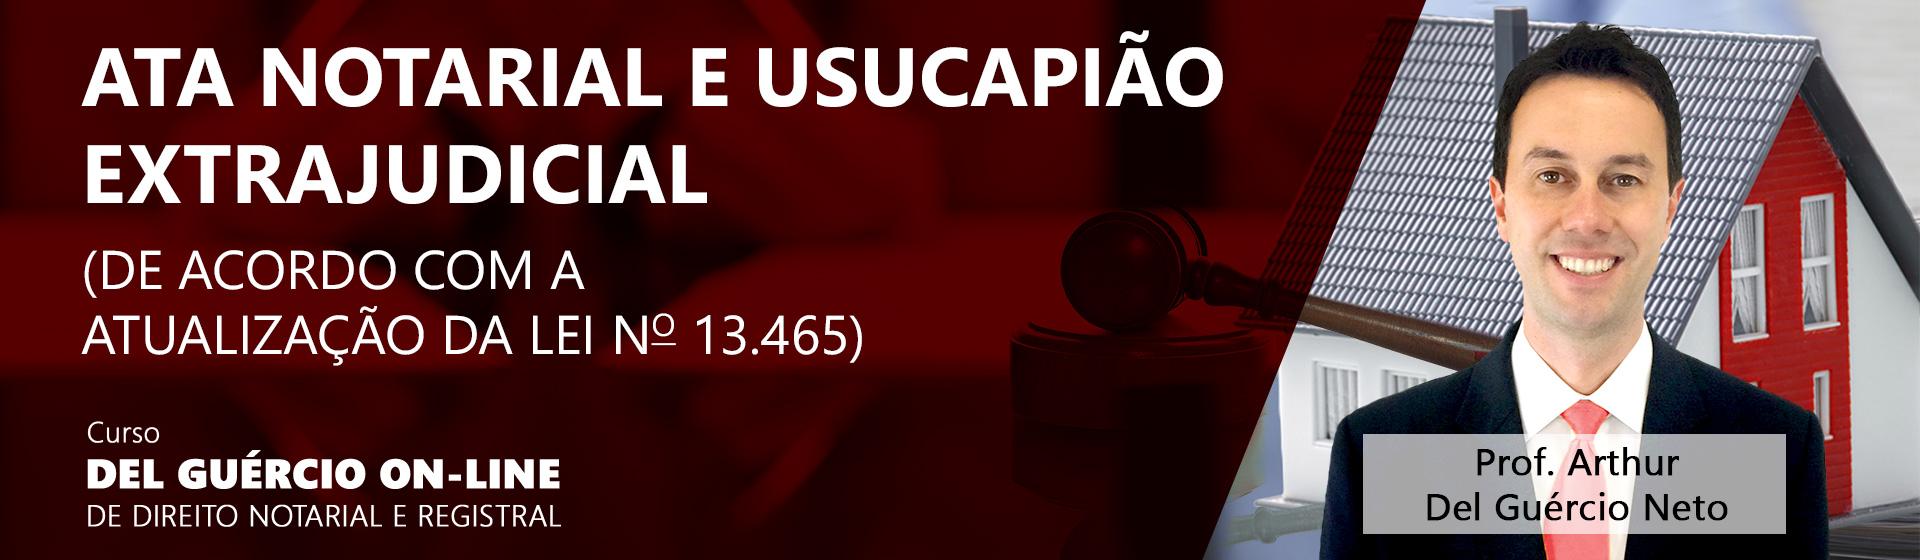 Banner curso ata notarial usucapiao extrajudicial 1920x560